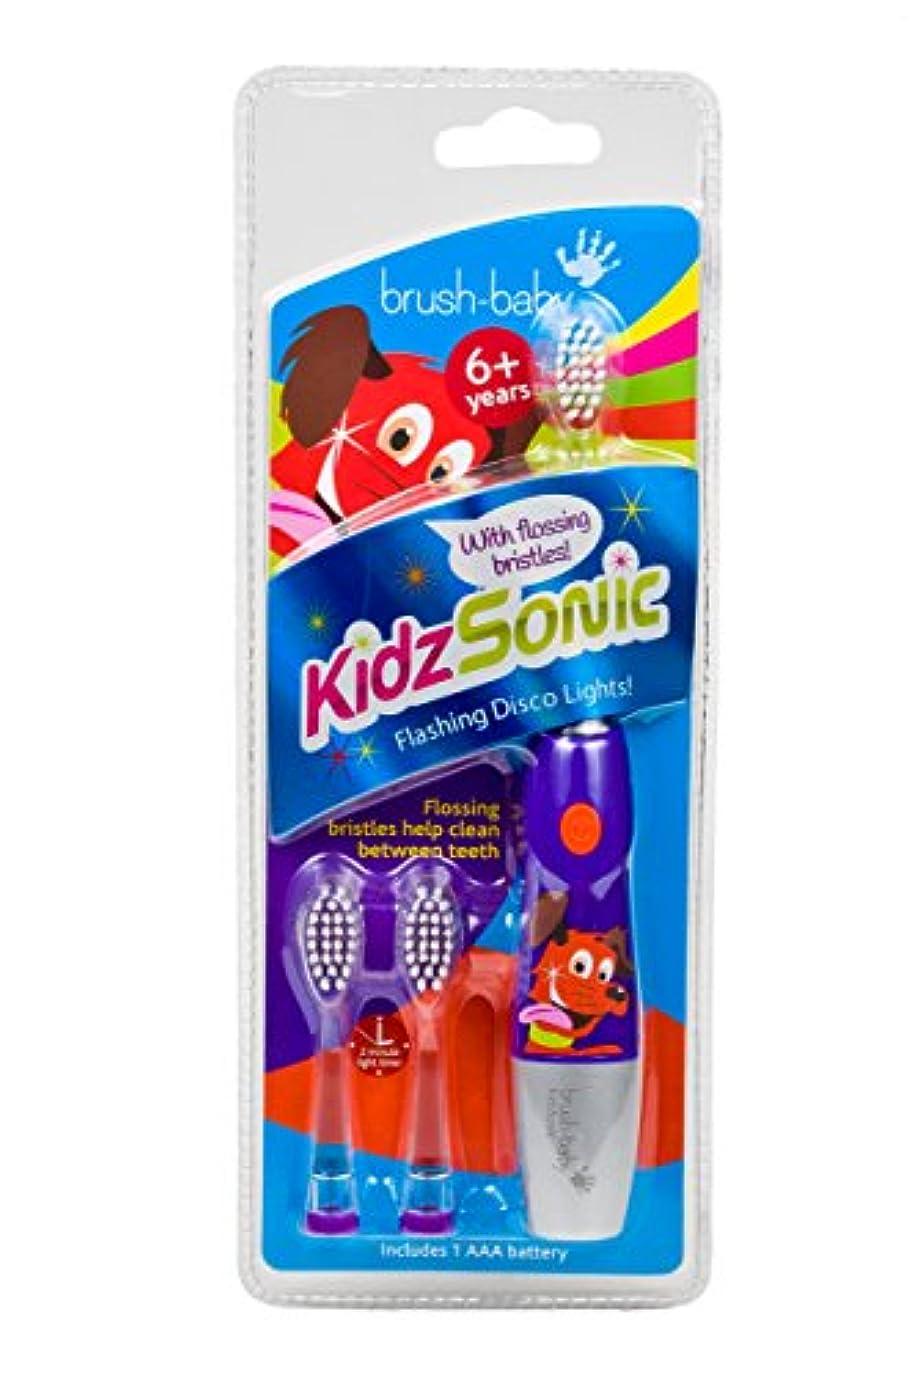 非常に学期ミルクBrush-Baby KidzSonic Electric Toothbrush 6+ years with flashing disco lights PURPLE - ブラシ - ベイビーKidzSonic電動歯ブラシ...